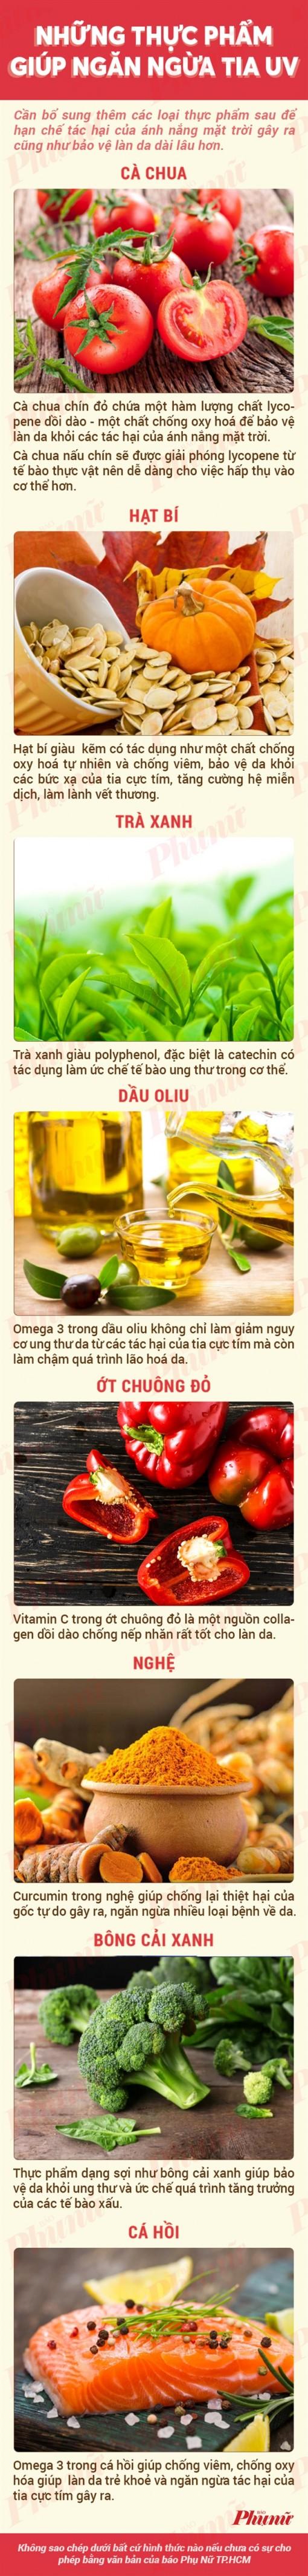 Những thực phẩm giúp ngăn ngừa tia cực tím